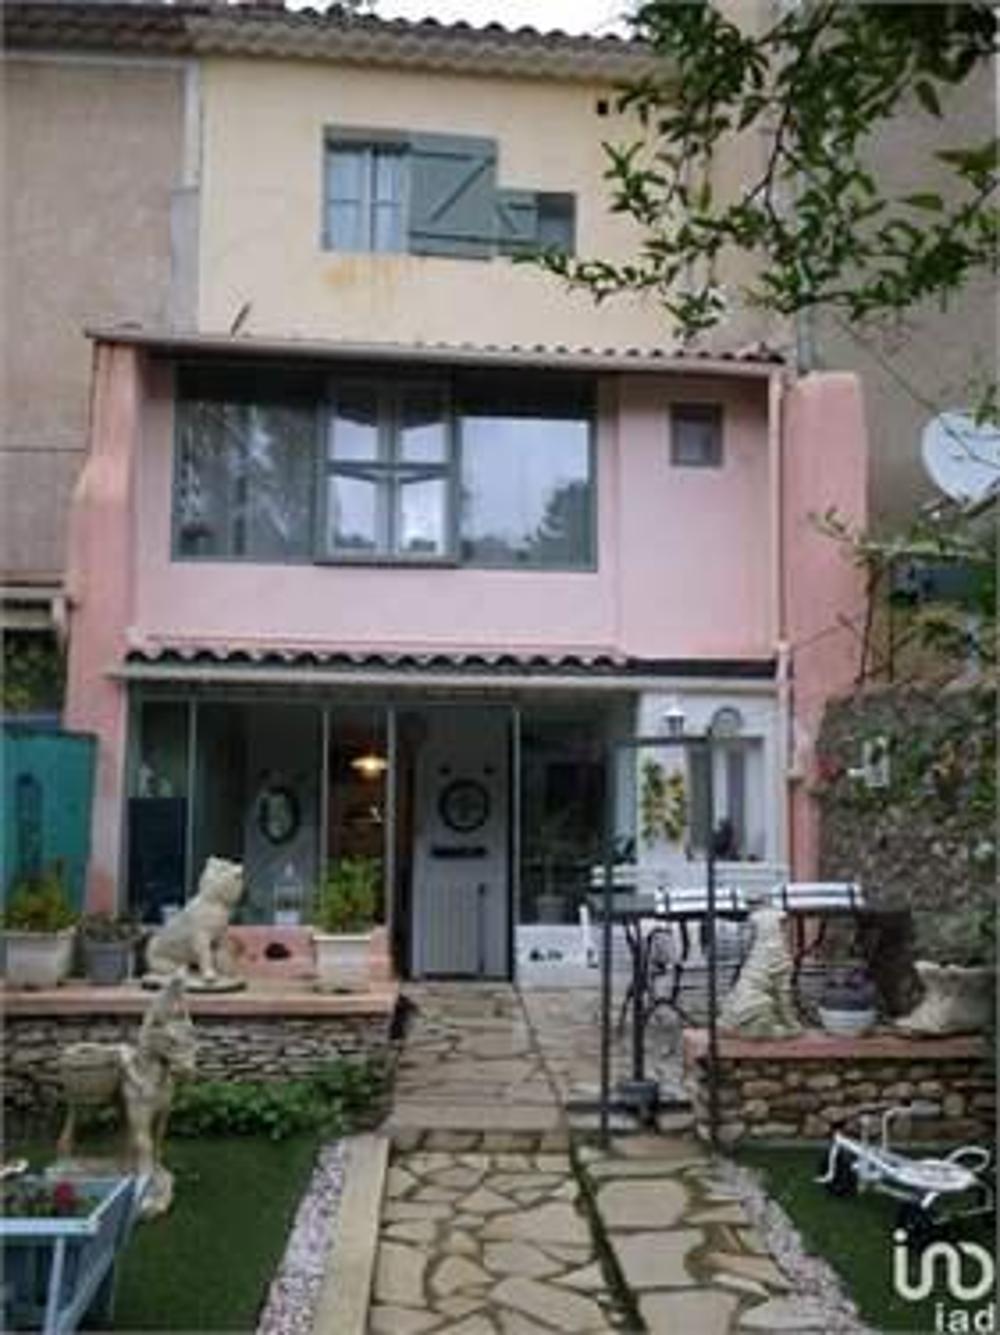 Apt Vaucluse Apartment Bild 3558997